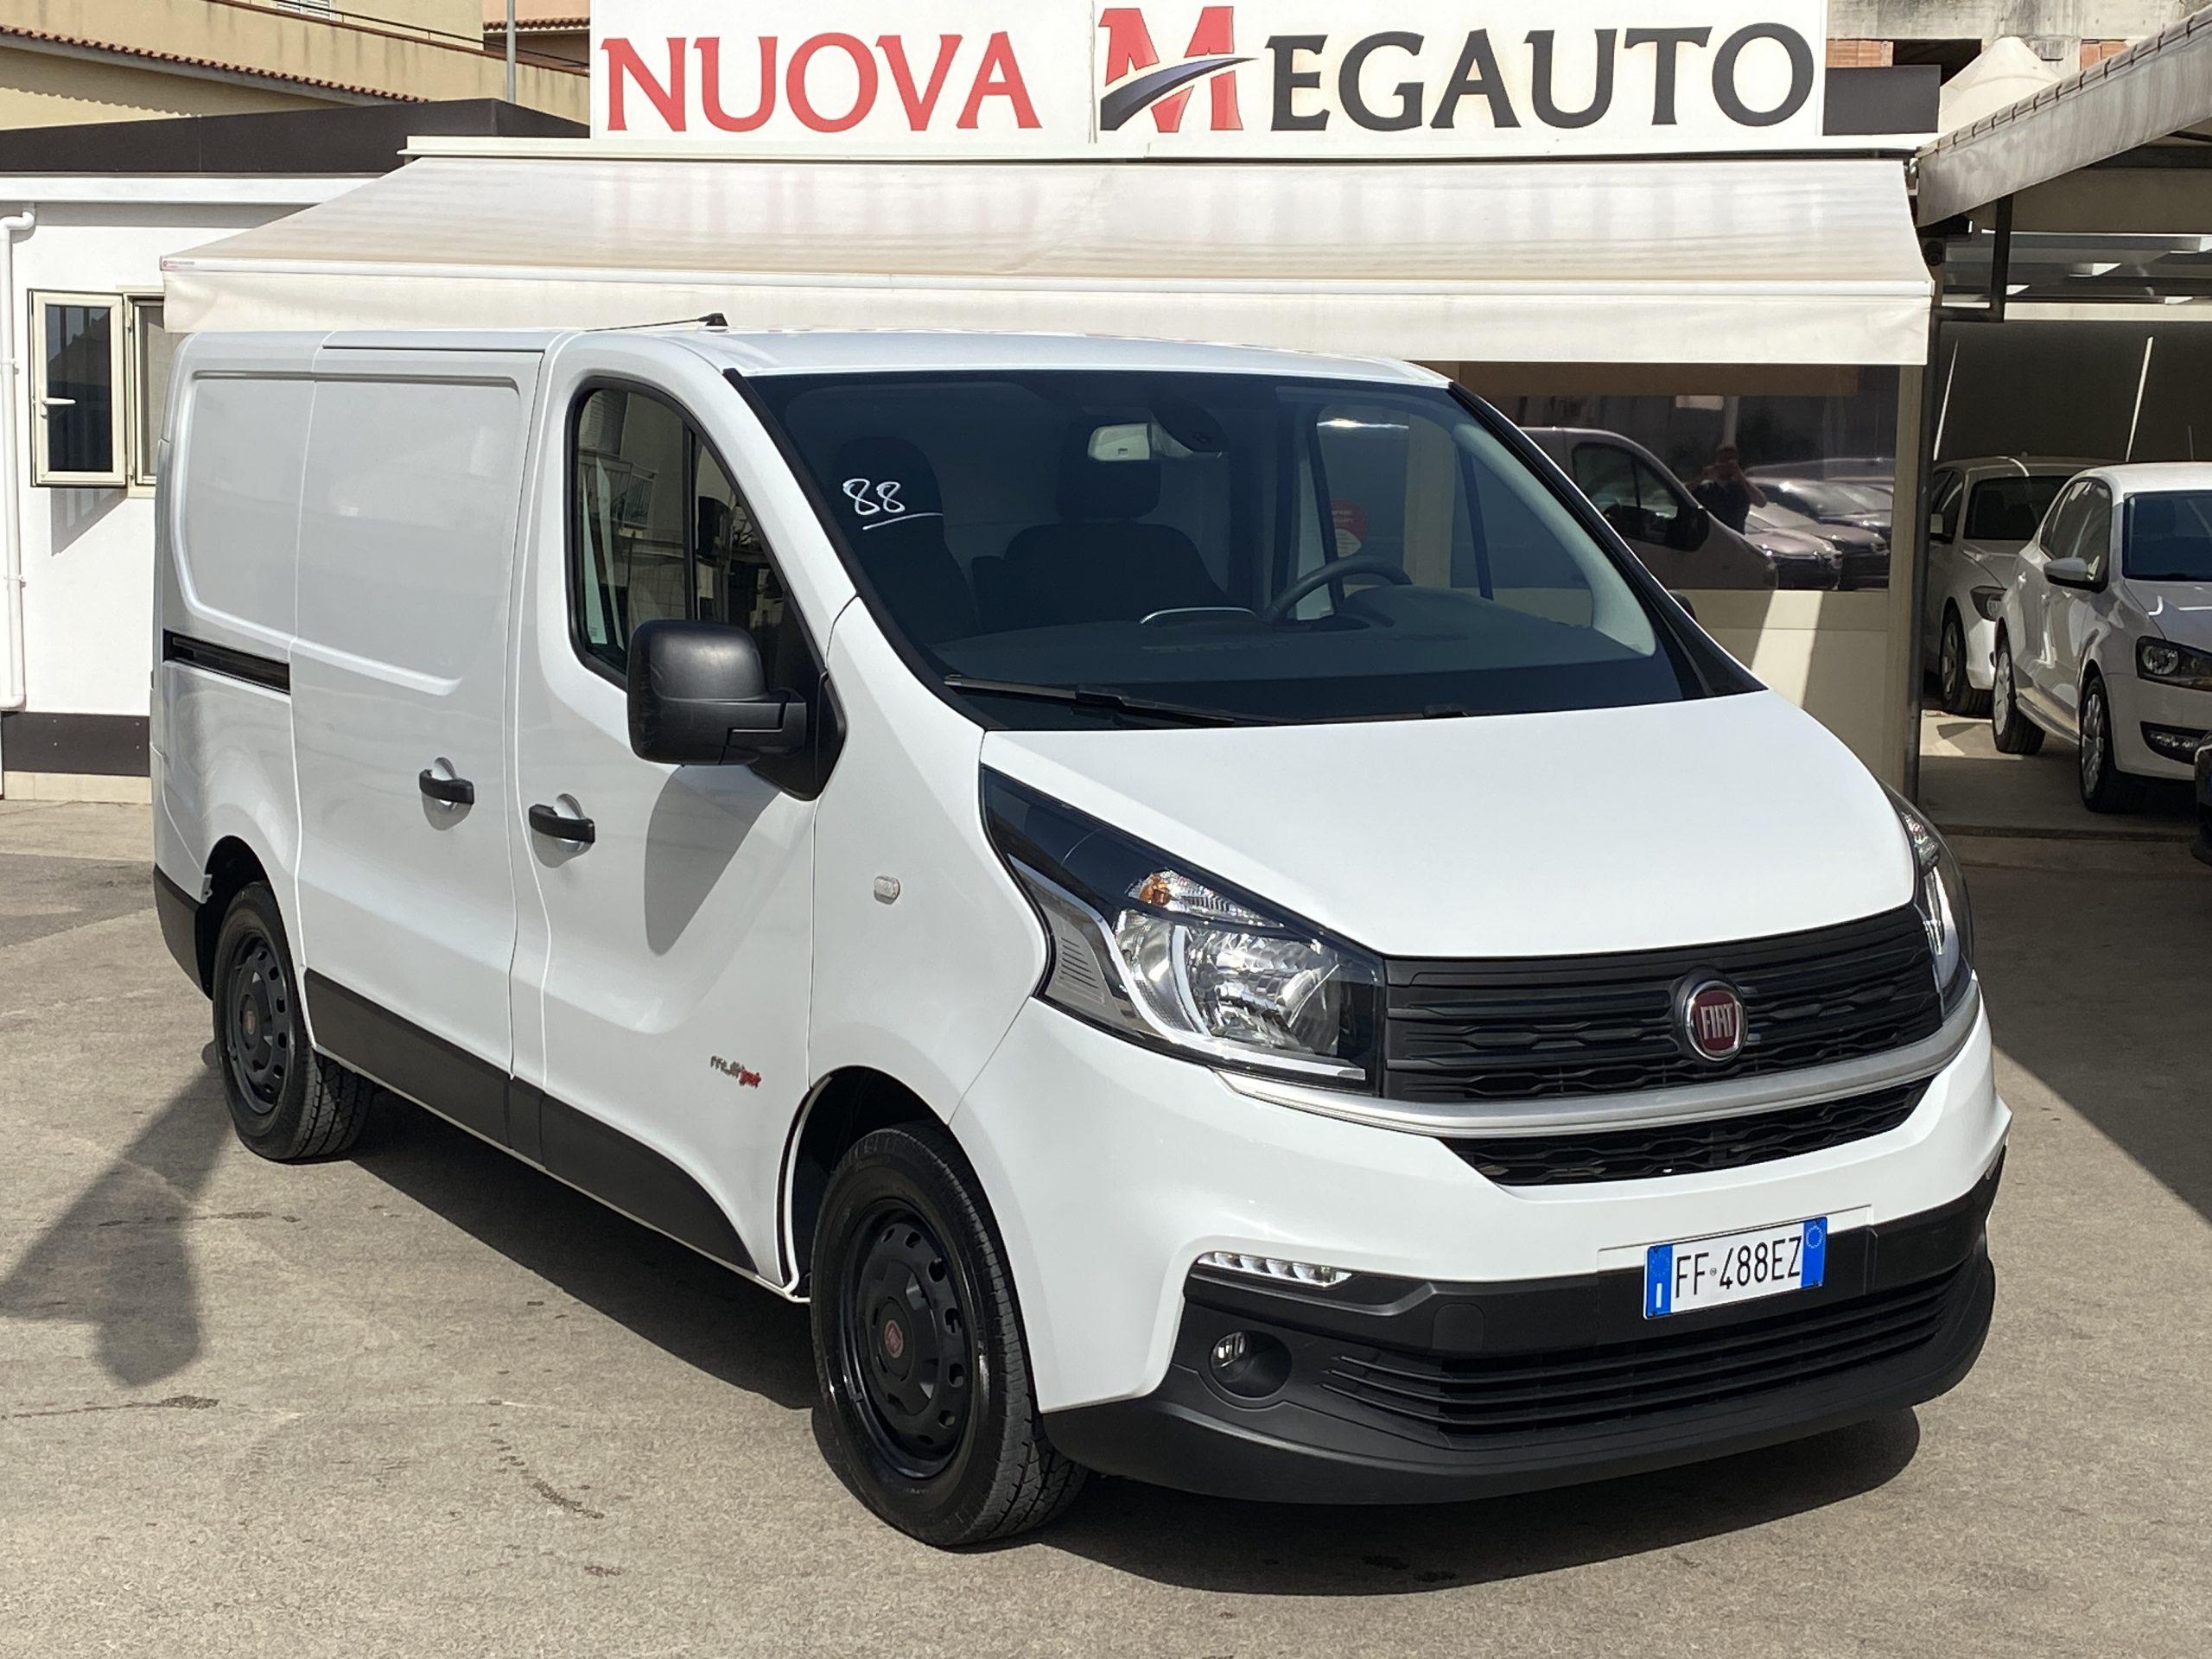 Fiat Talento 1.6 Multijet 116CV PC-TN Furgone 11q